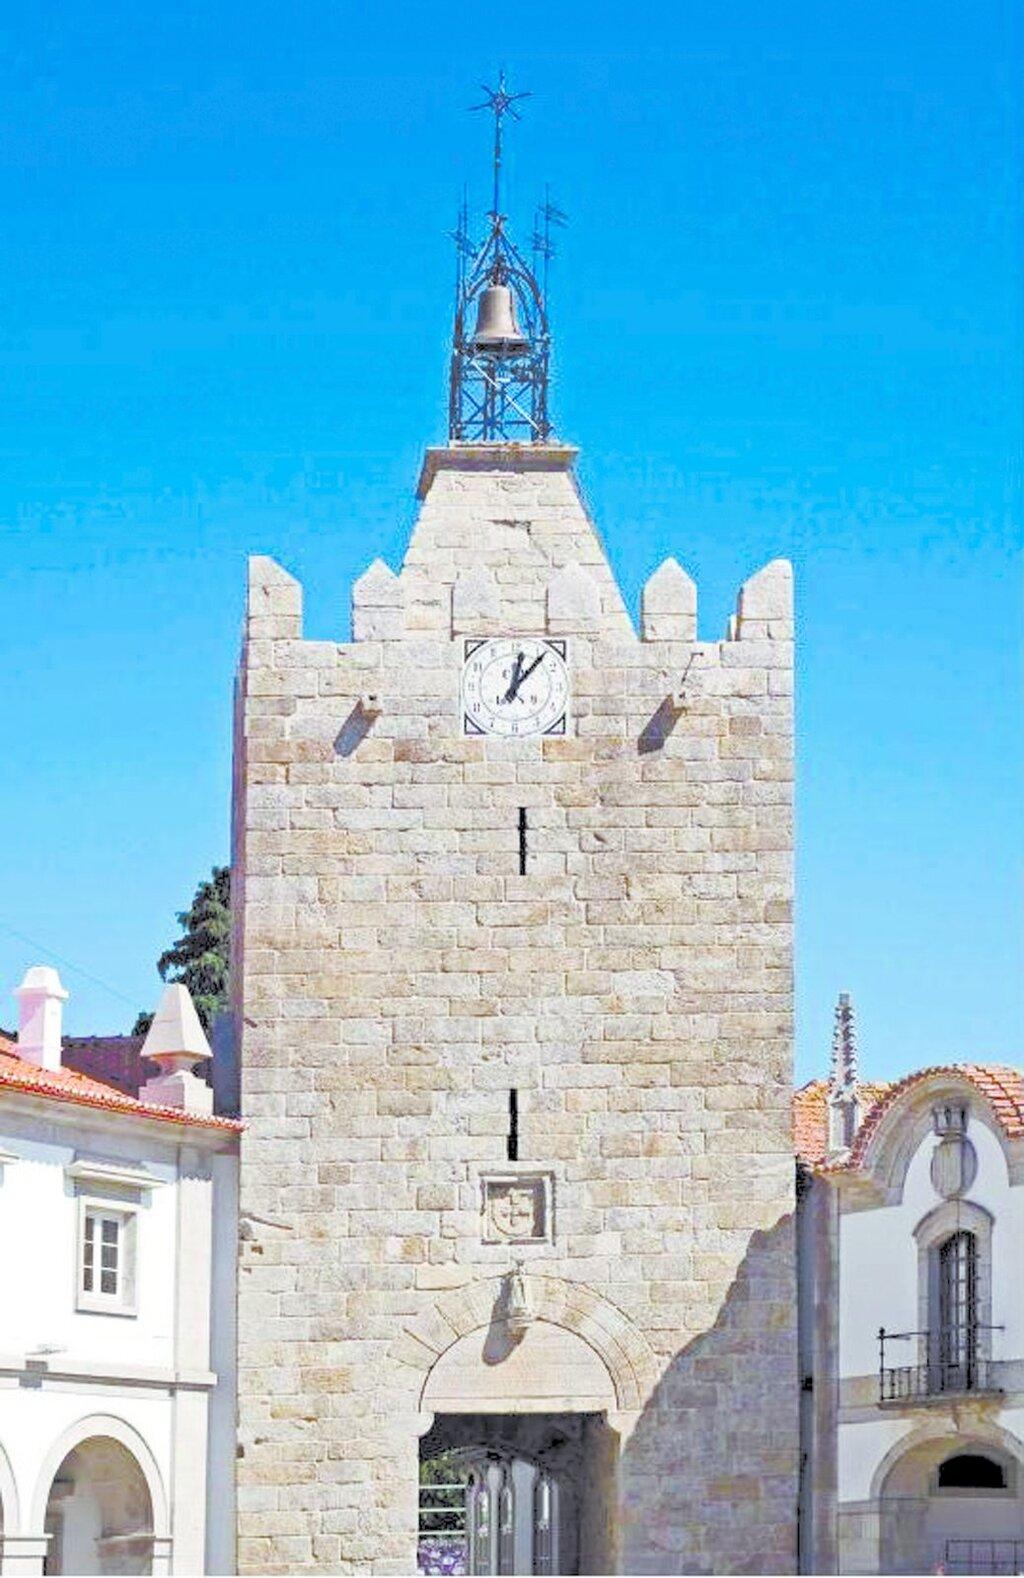 7a386de33dc Núcleo Museológico do Centro Histórico de Caminha - Torre do Relógio ...